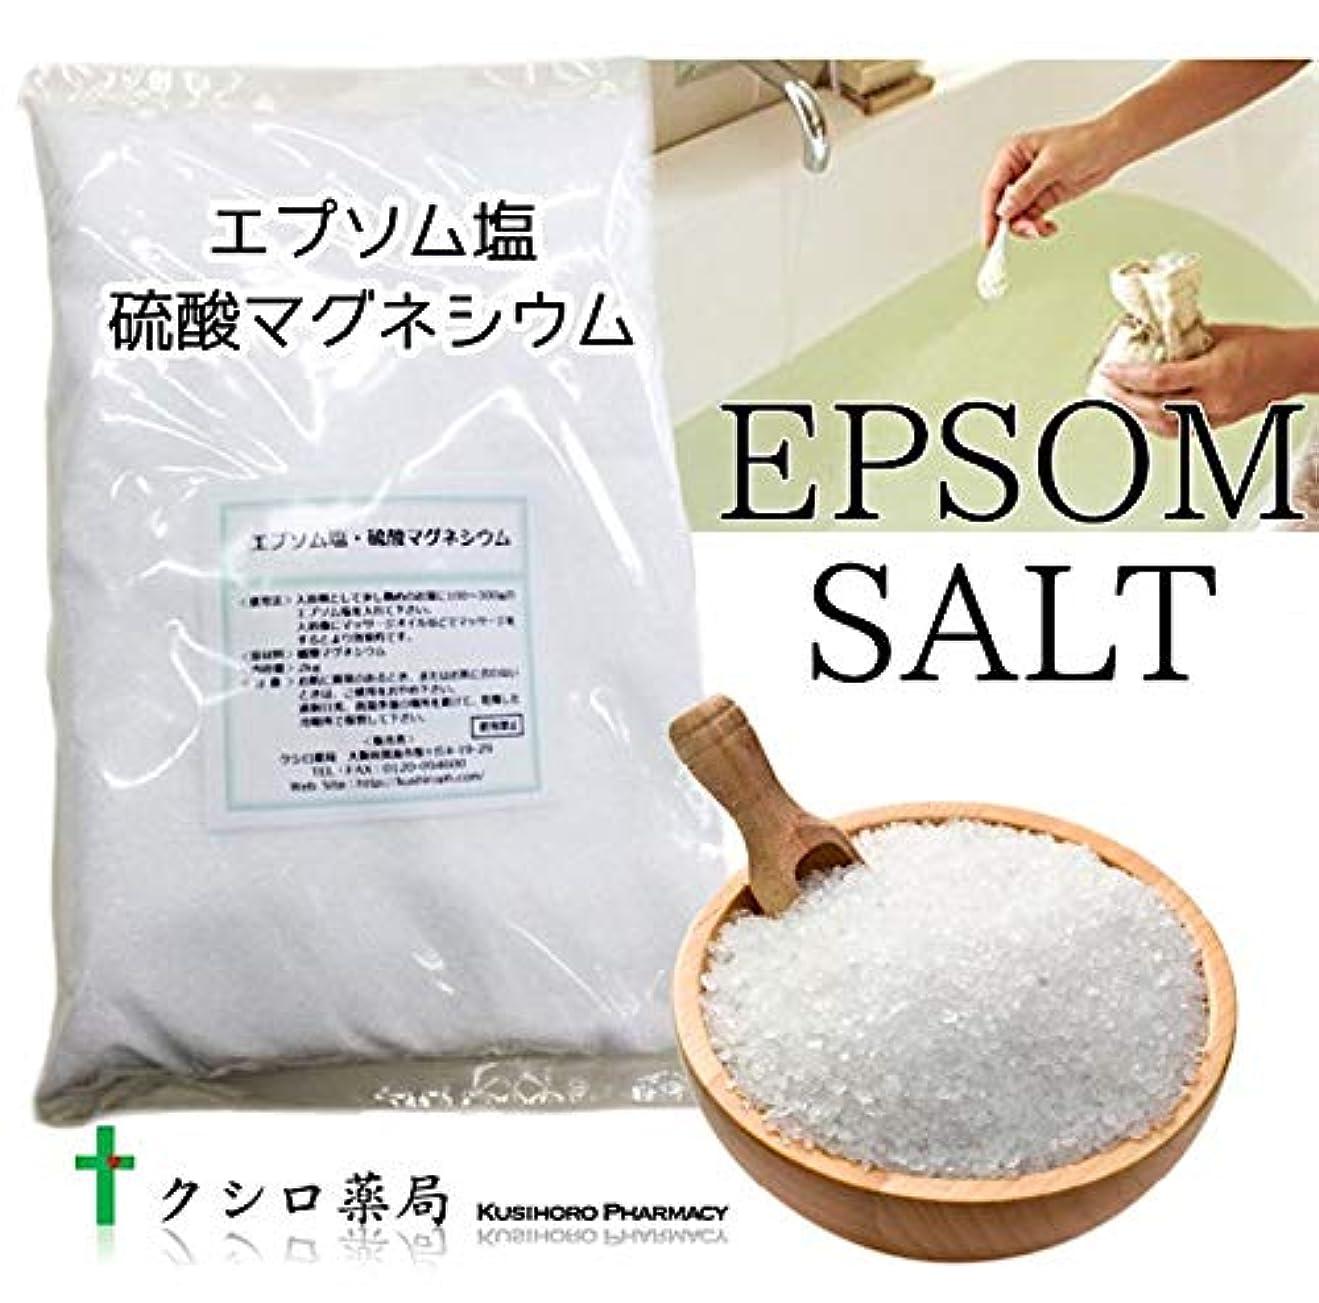 ディンカルビル構成する逮捕エプソム塩?硫酸マグネシウム 2kg 【クシロ薬局エプソム塩?硫酸マグネシウム Epsom Salt】 (5袋)